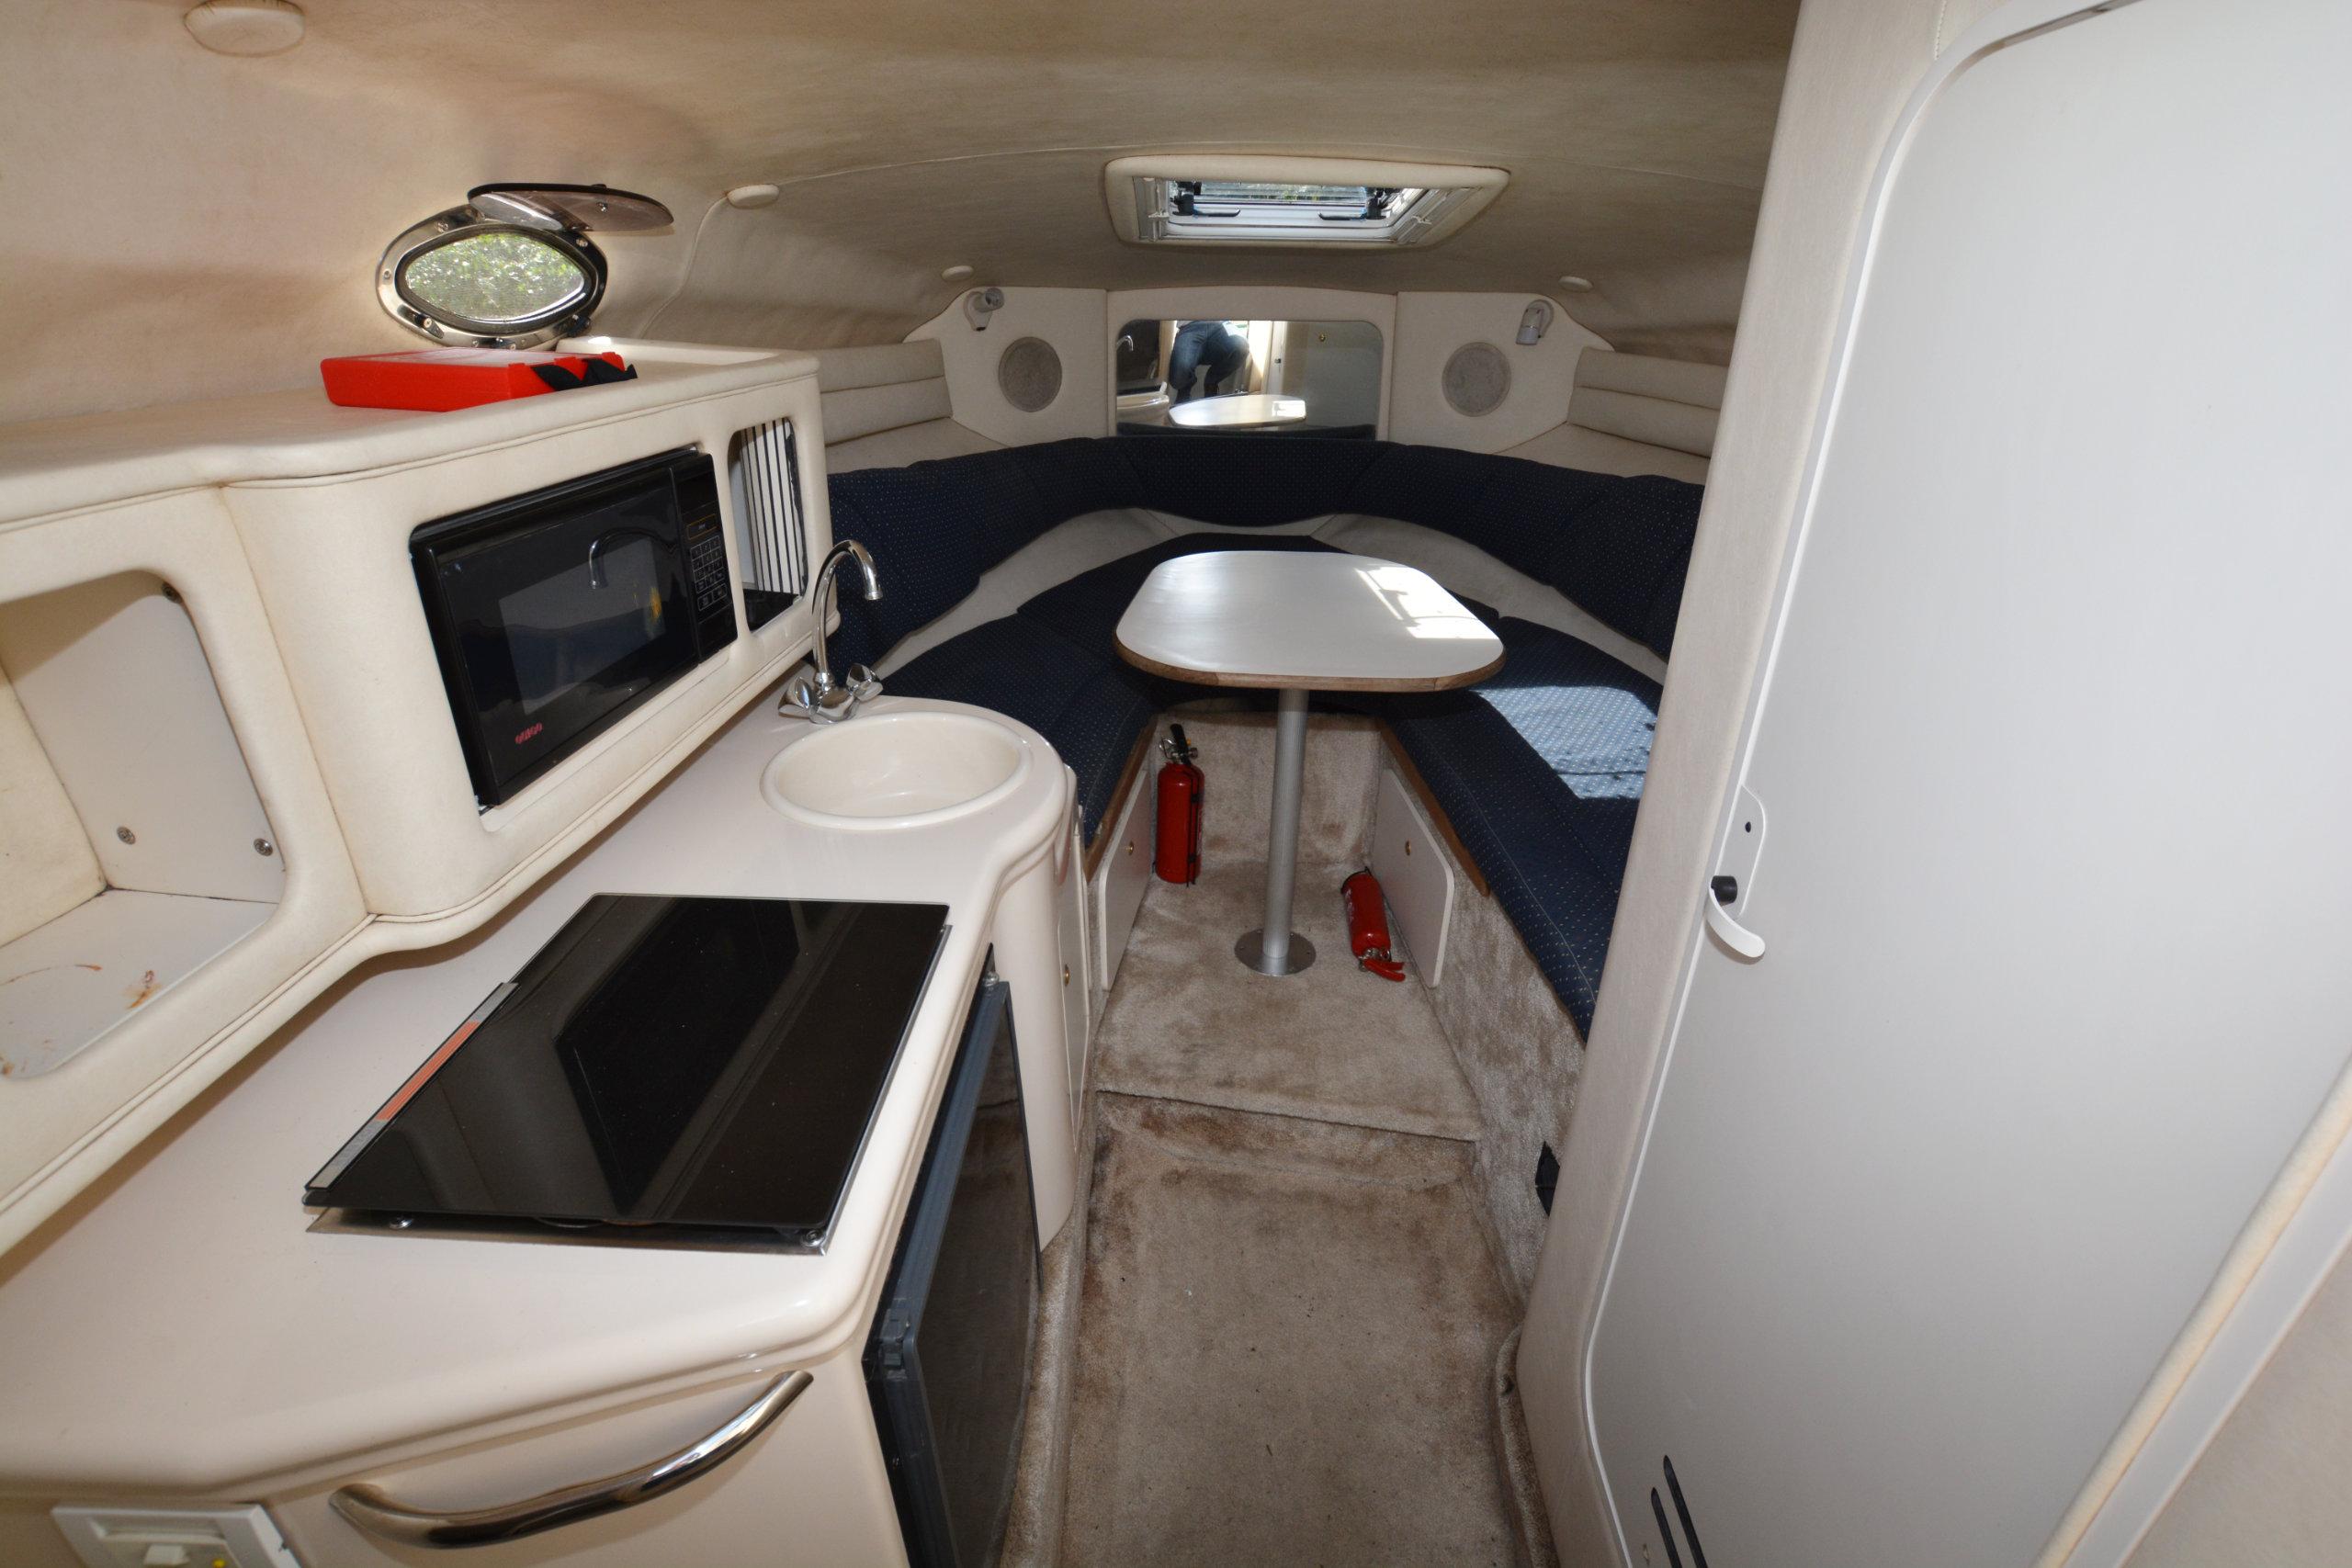 Sea Ray 260 Sundancer Priced at £15,995 - Farndon Marina